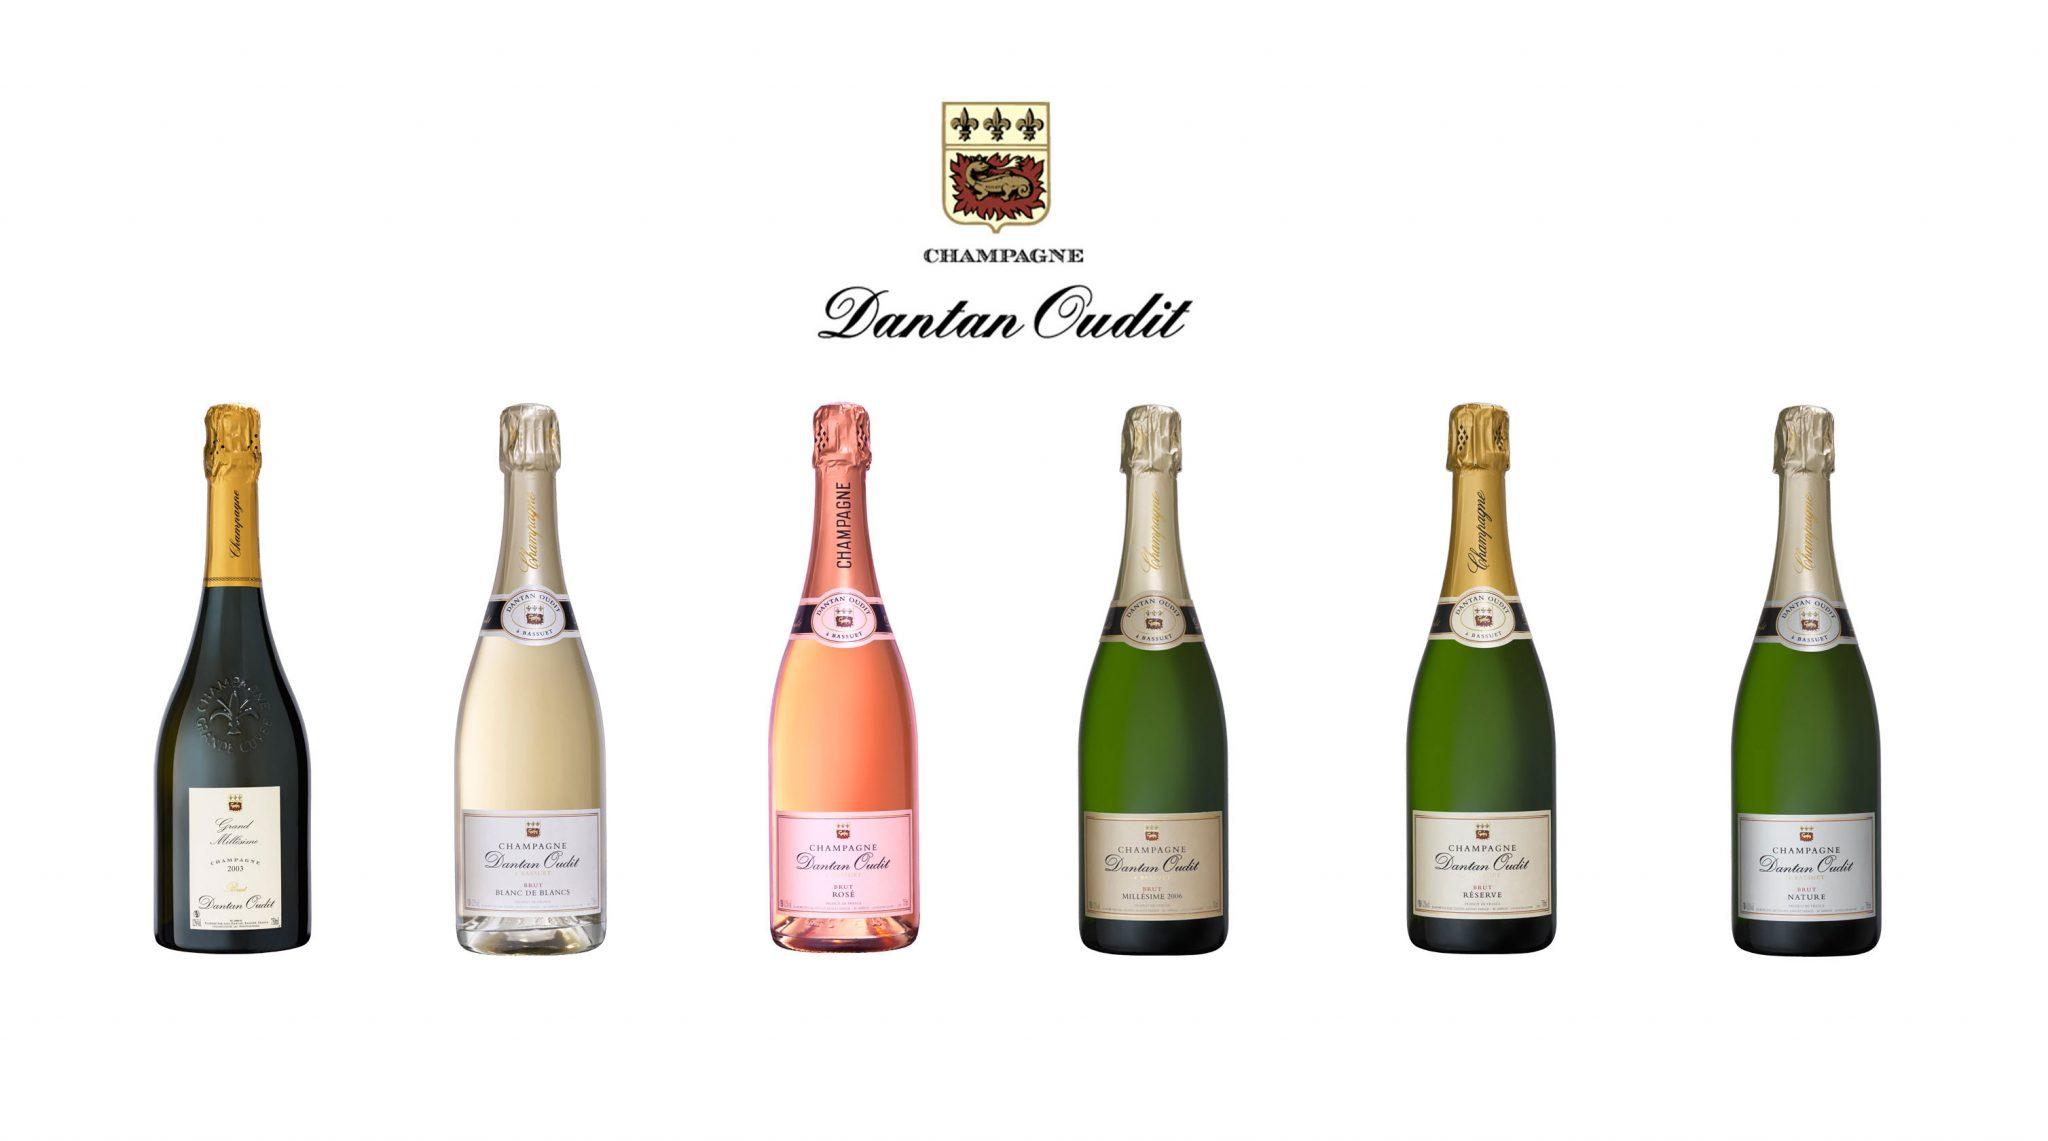 Champagne Dantan Oudit